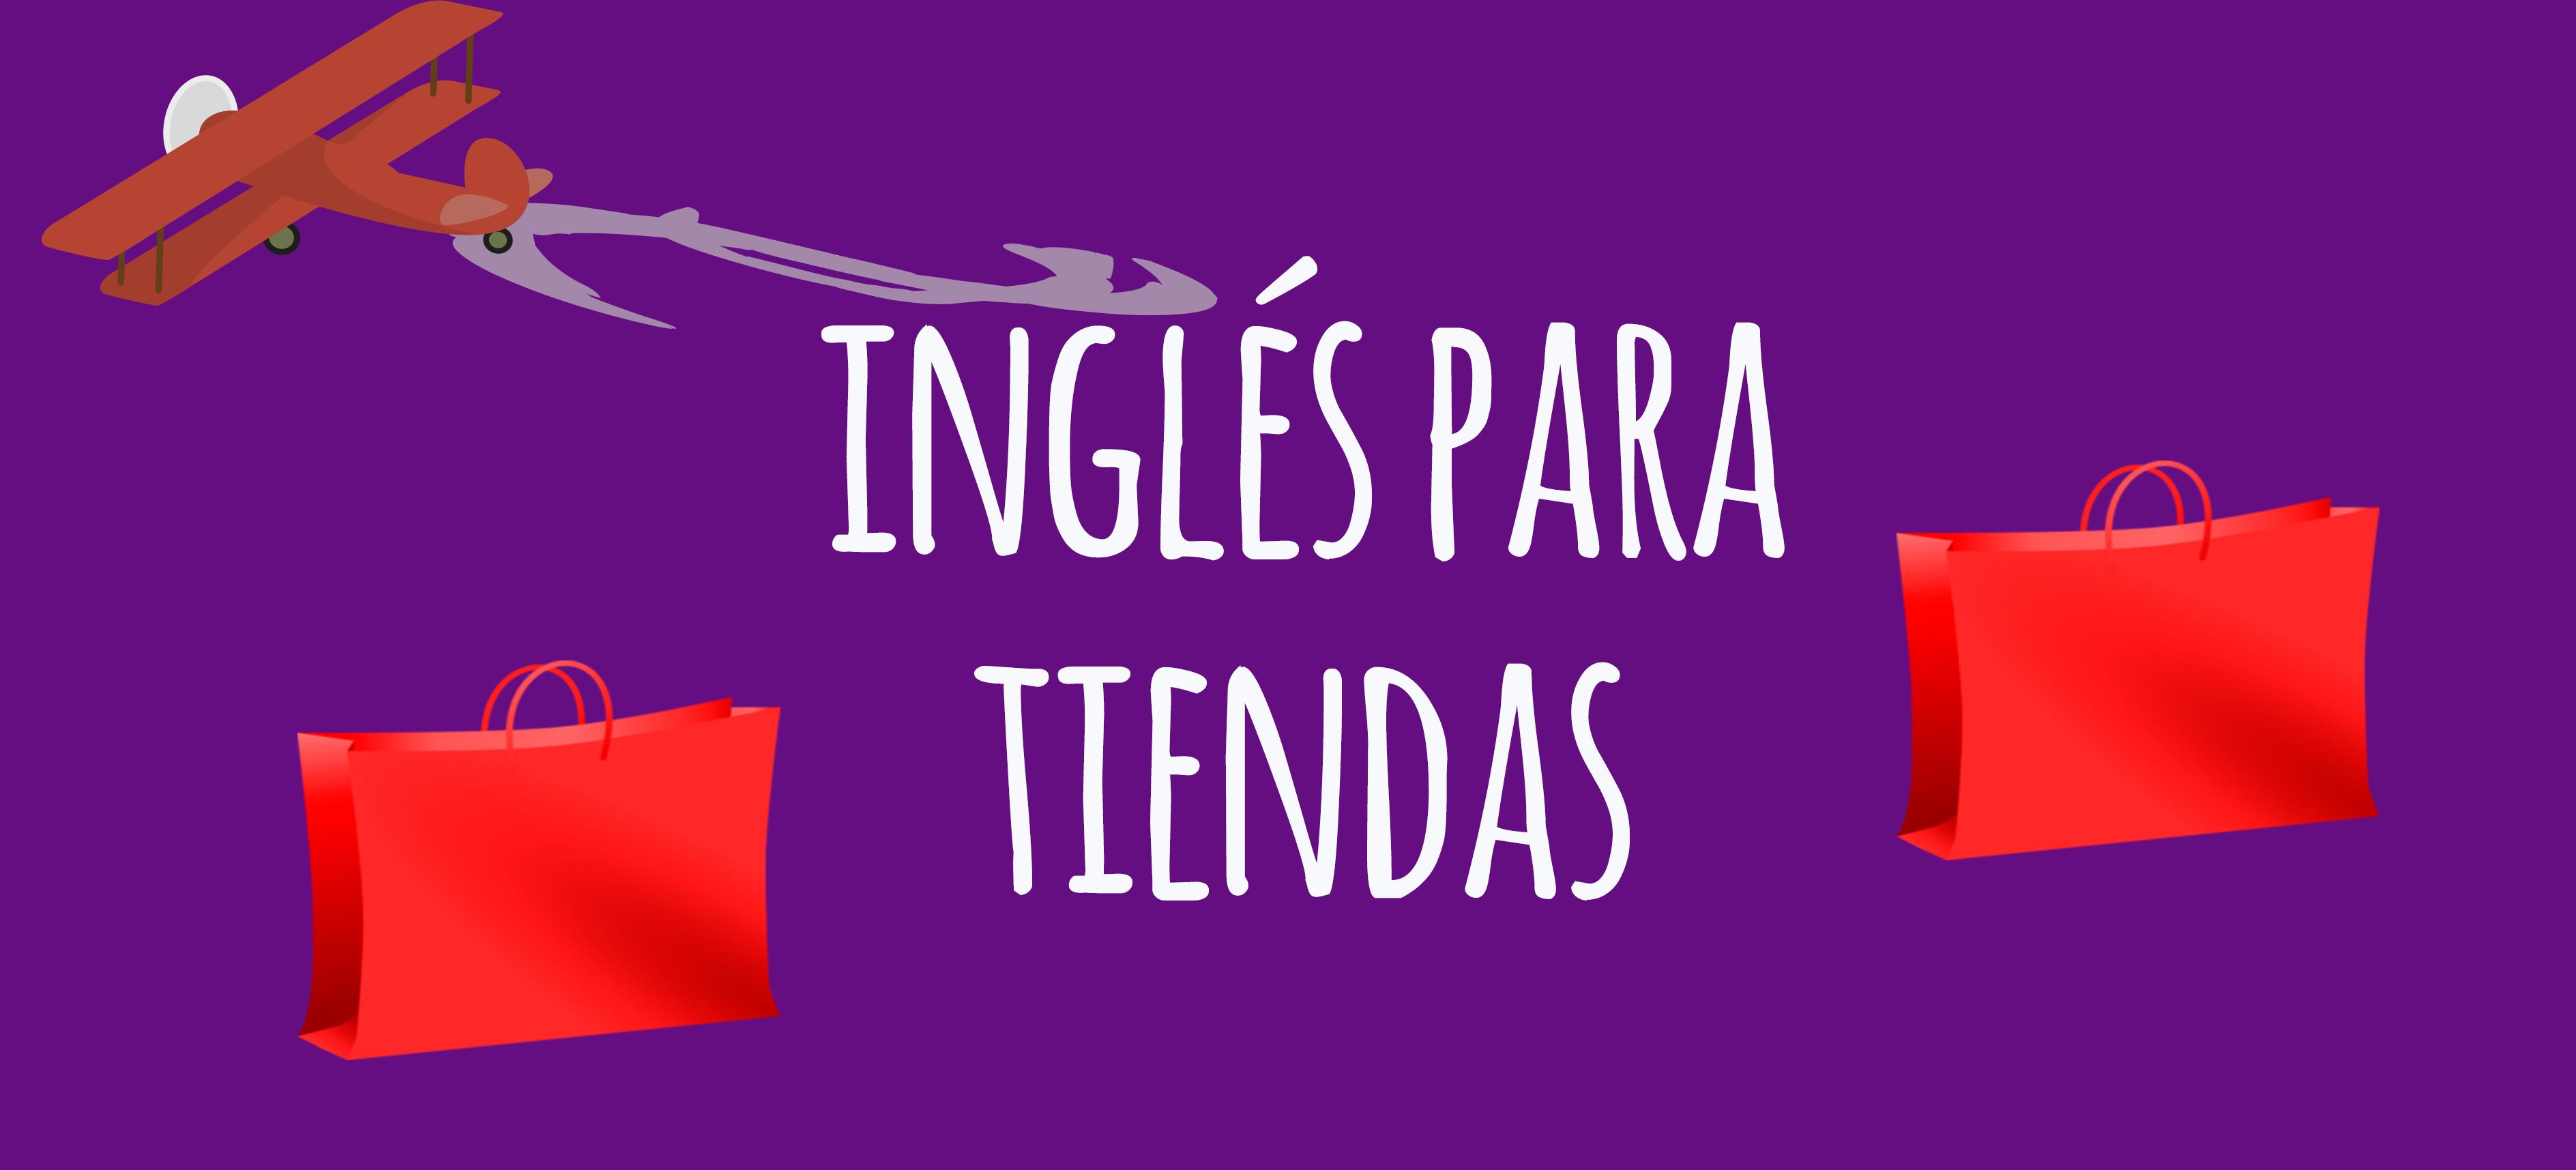 INGLÉS PARA TIENDAS - El Blog de Idiomas